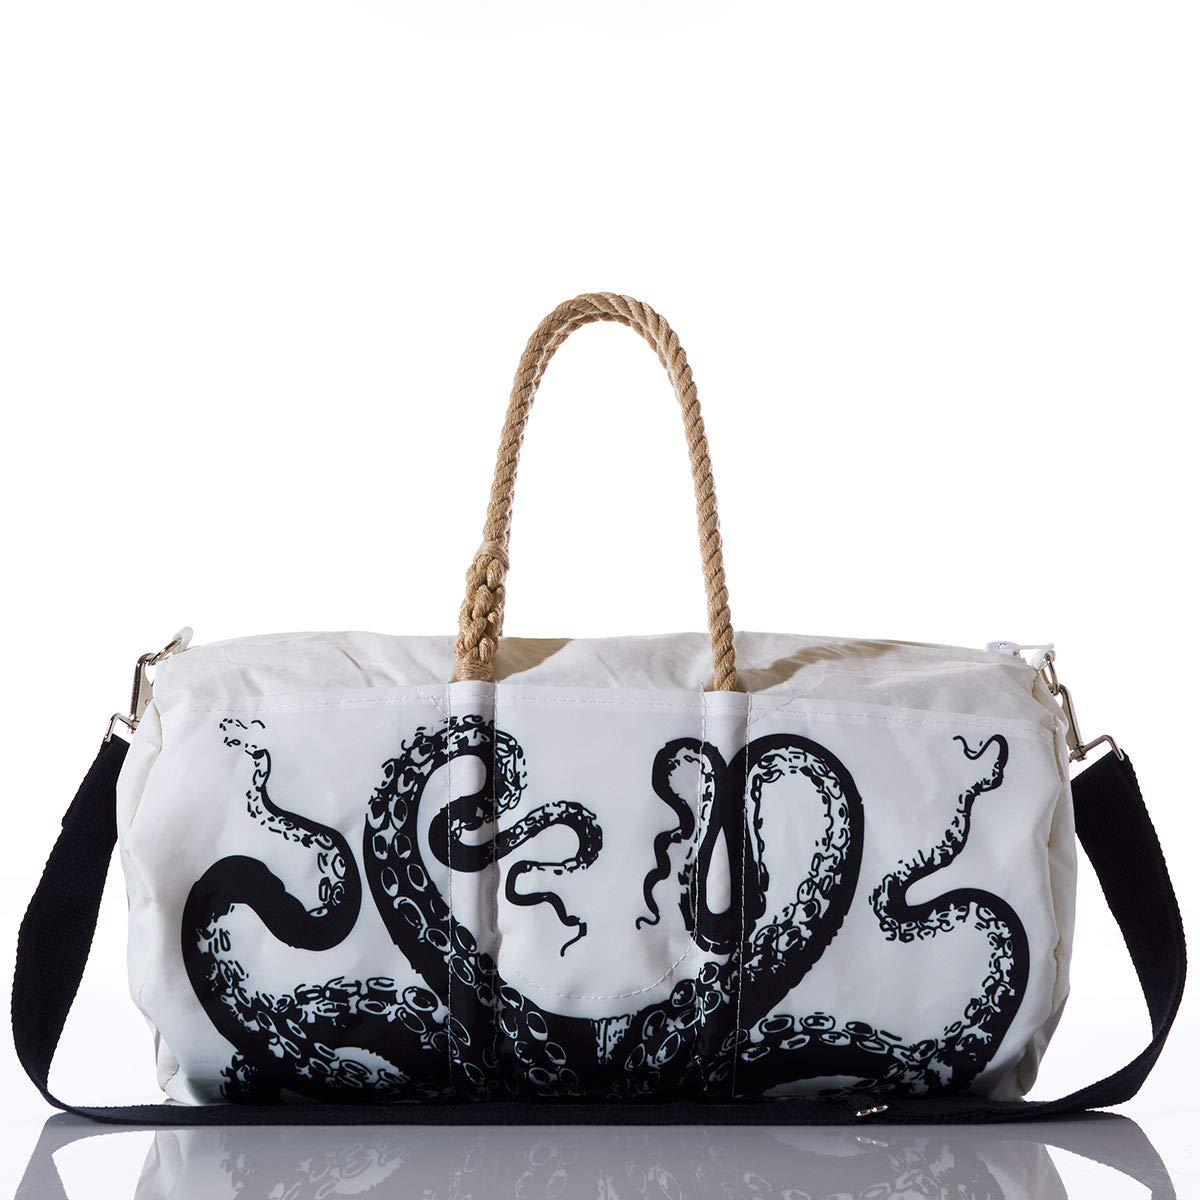 最安値級価格 Sea Bags B076HFR42W ブラック レディース Bags カラー: ブラック B076HFR42W, 保安用品専門店 Safety_First:13d9be59 --- rcavalcantiadvogados.com.br